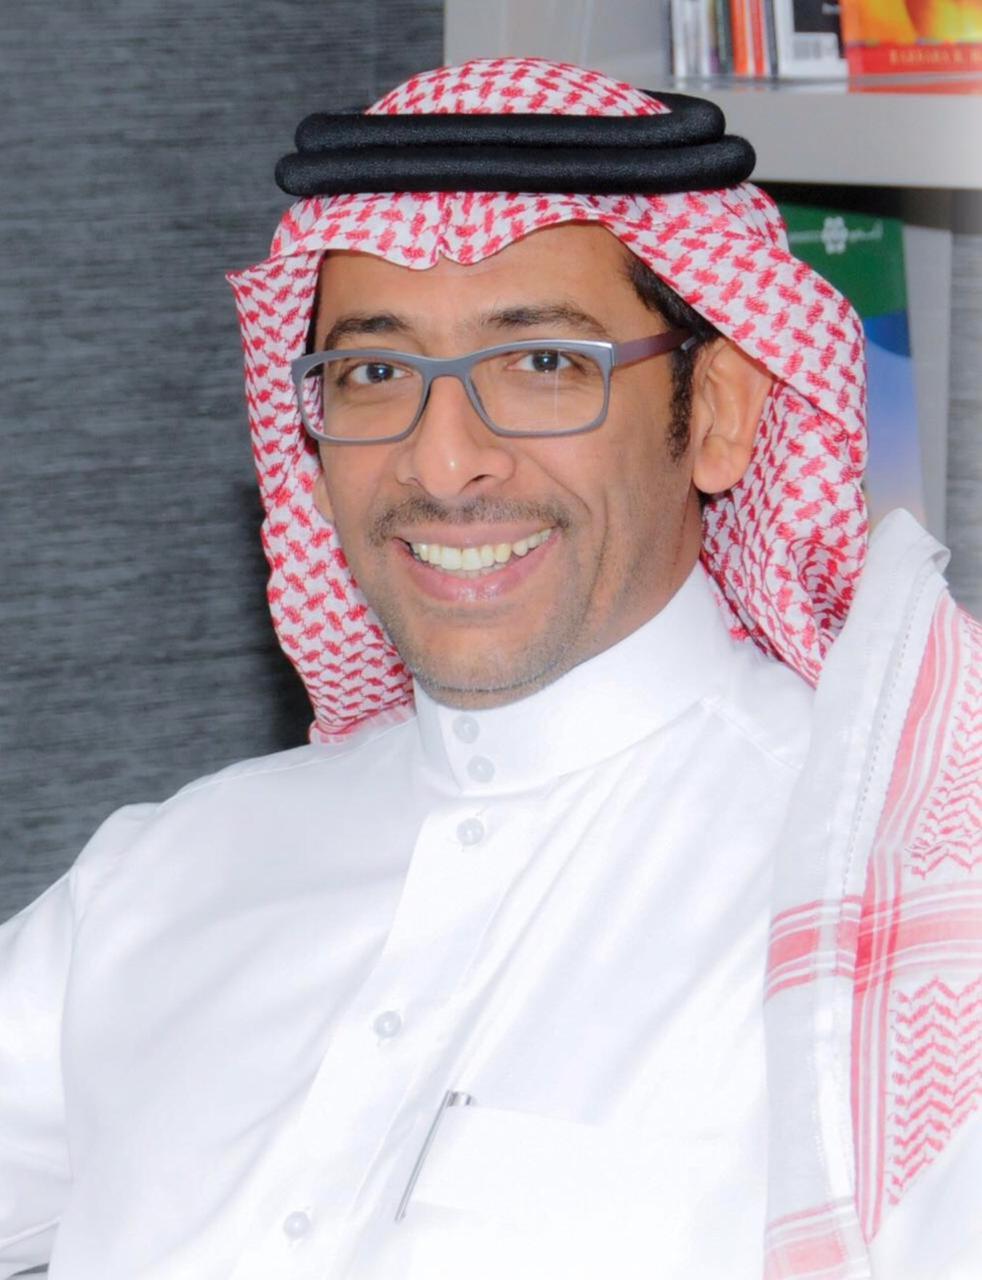 وزير الصناعة والثروة المعدنية يرعى المؤتمر الدولي لصناعة الحديد والصلب